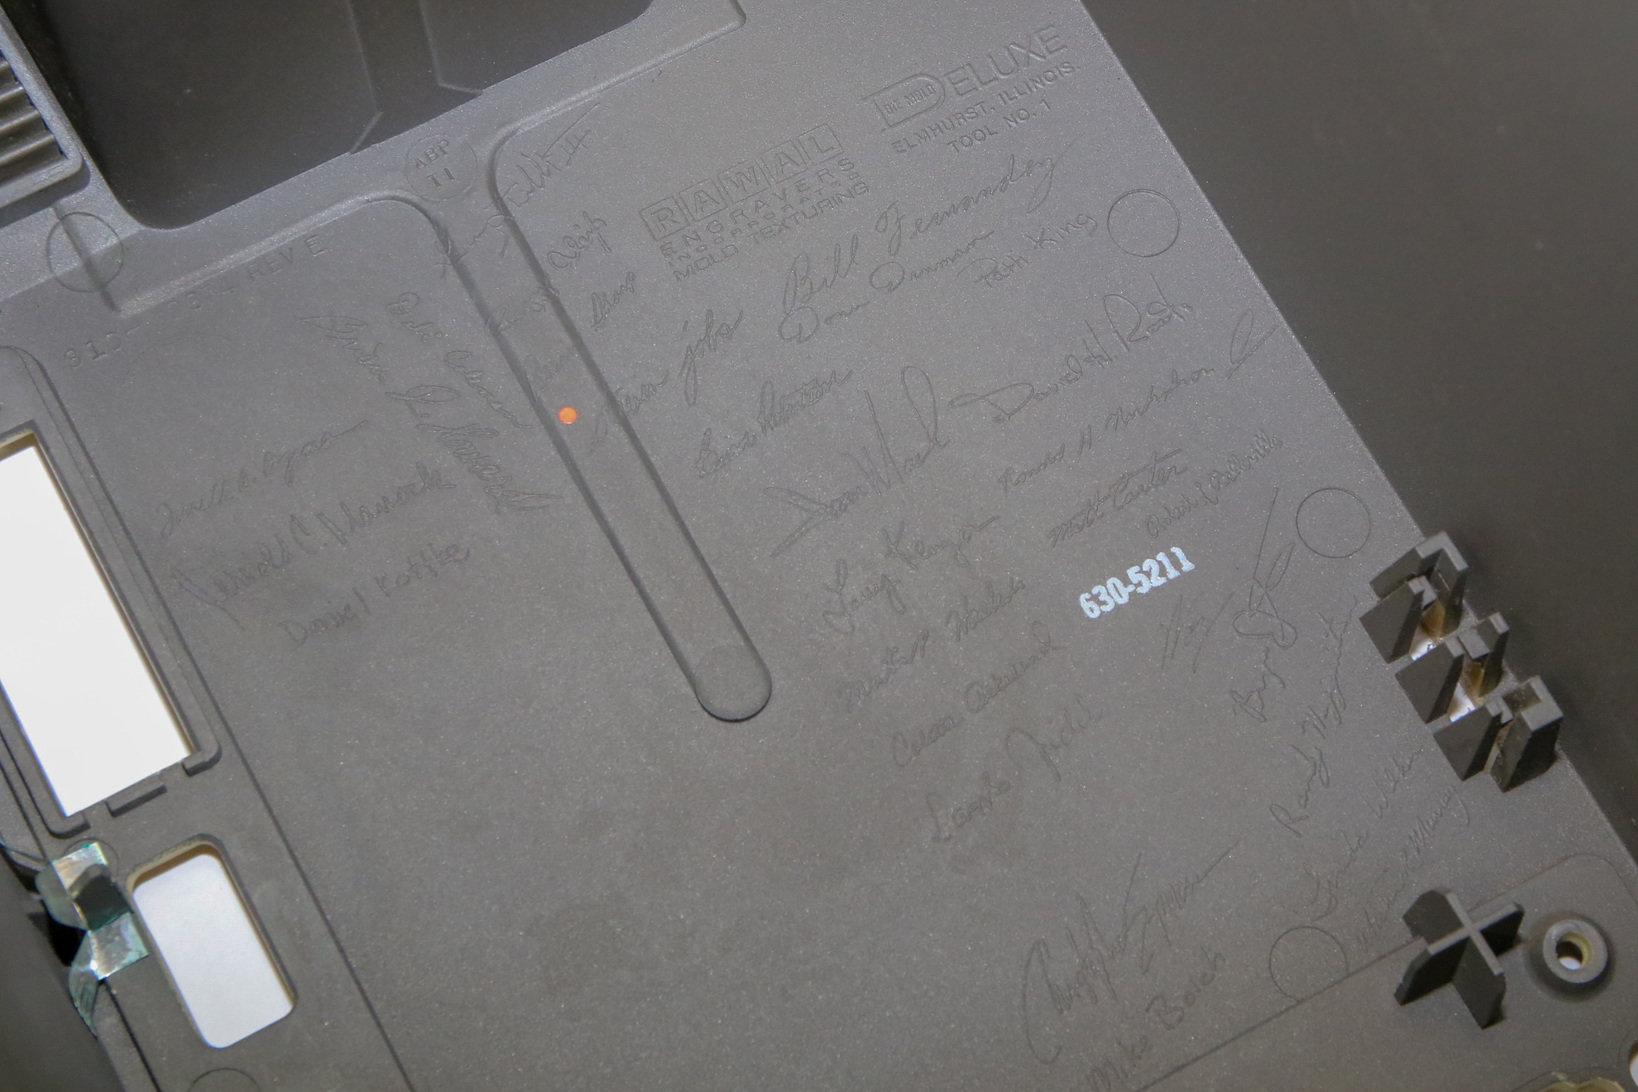 内部には開発者のサインが金型で刻まれている